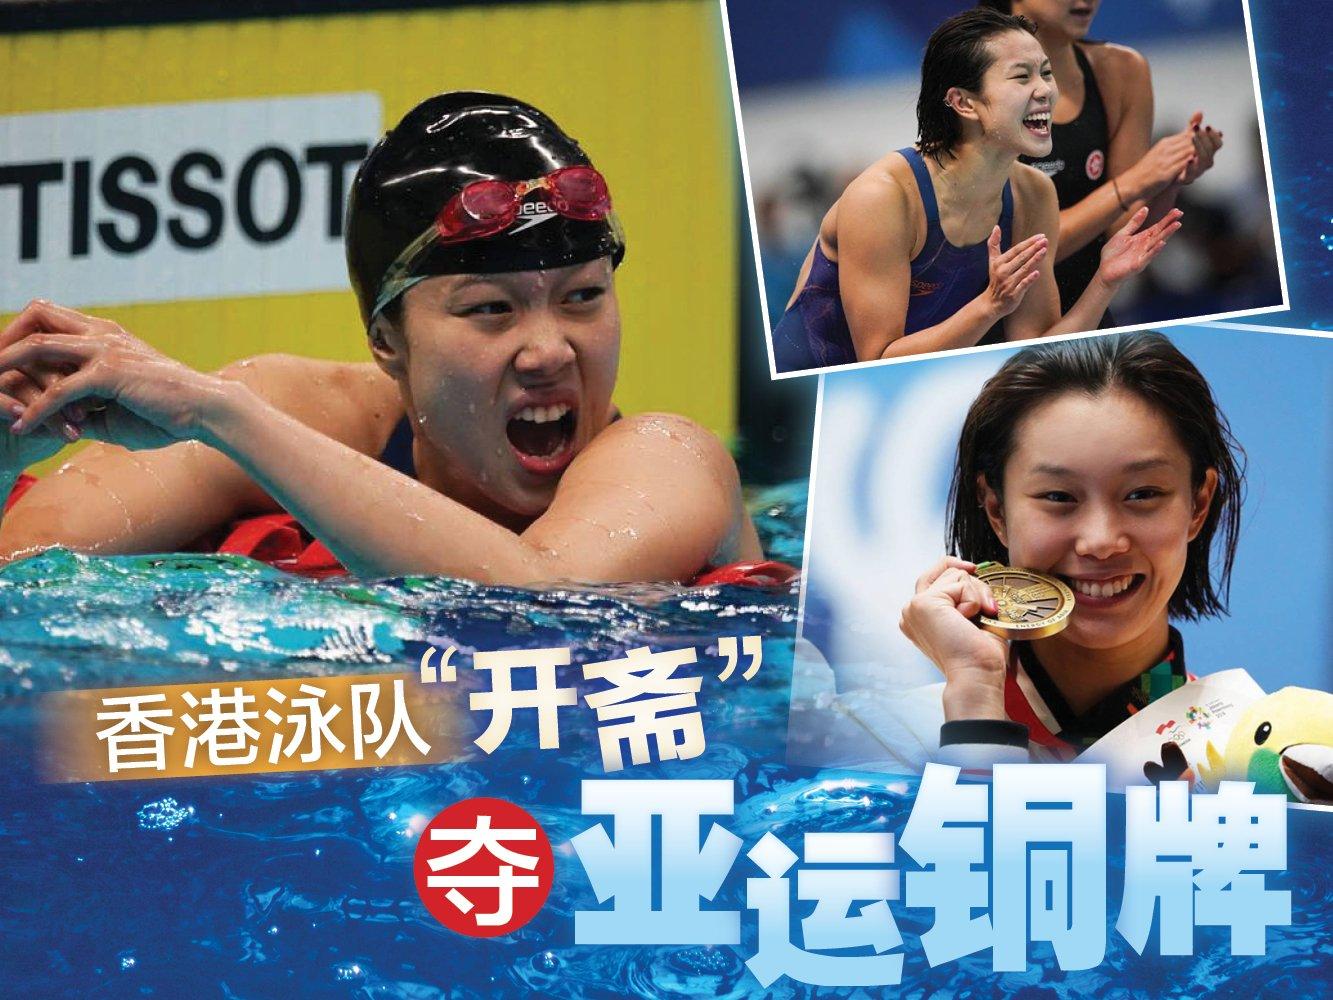 港泳队接力赛发威 夺今届亚运首面铜牌